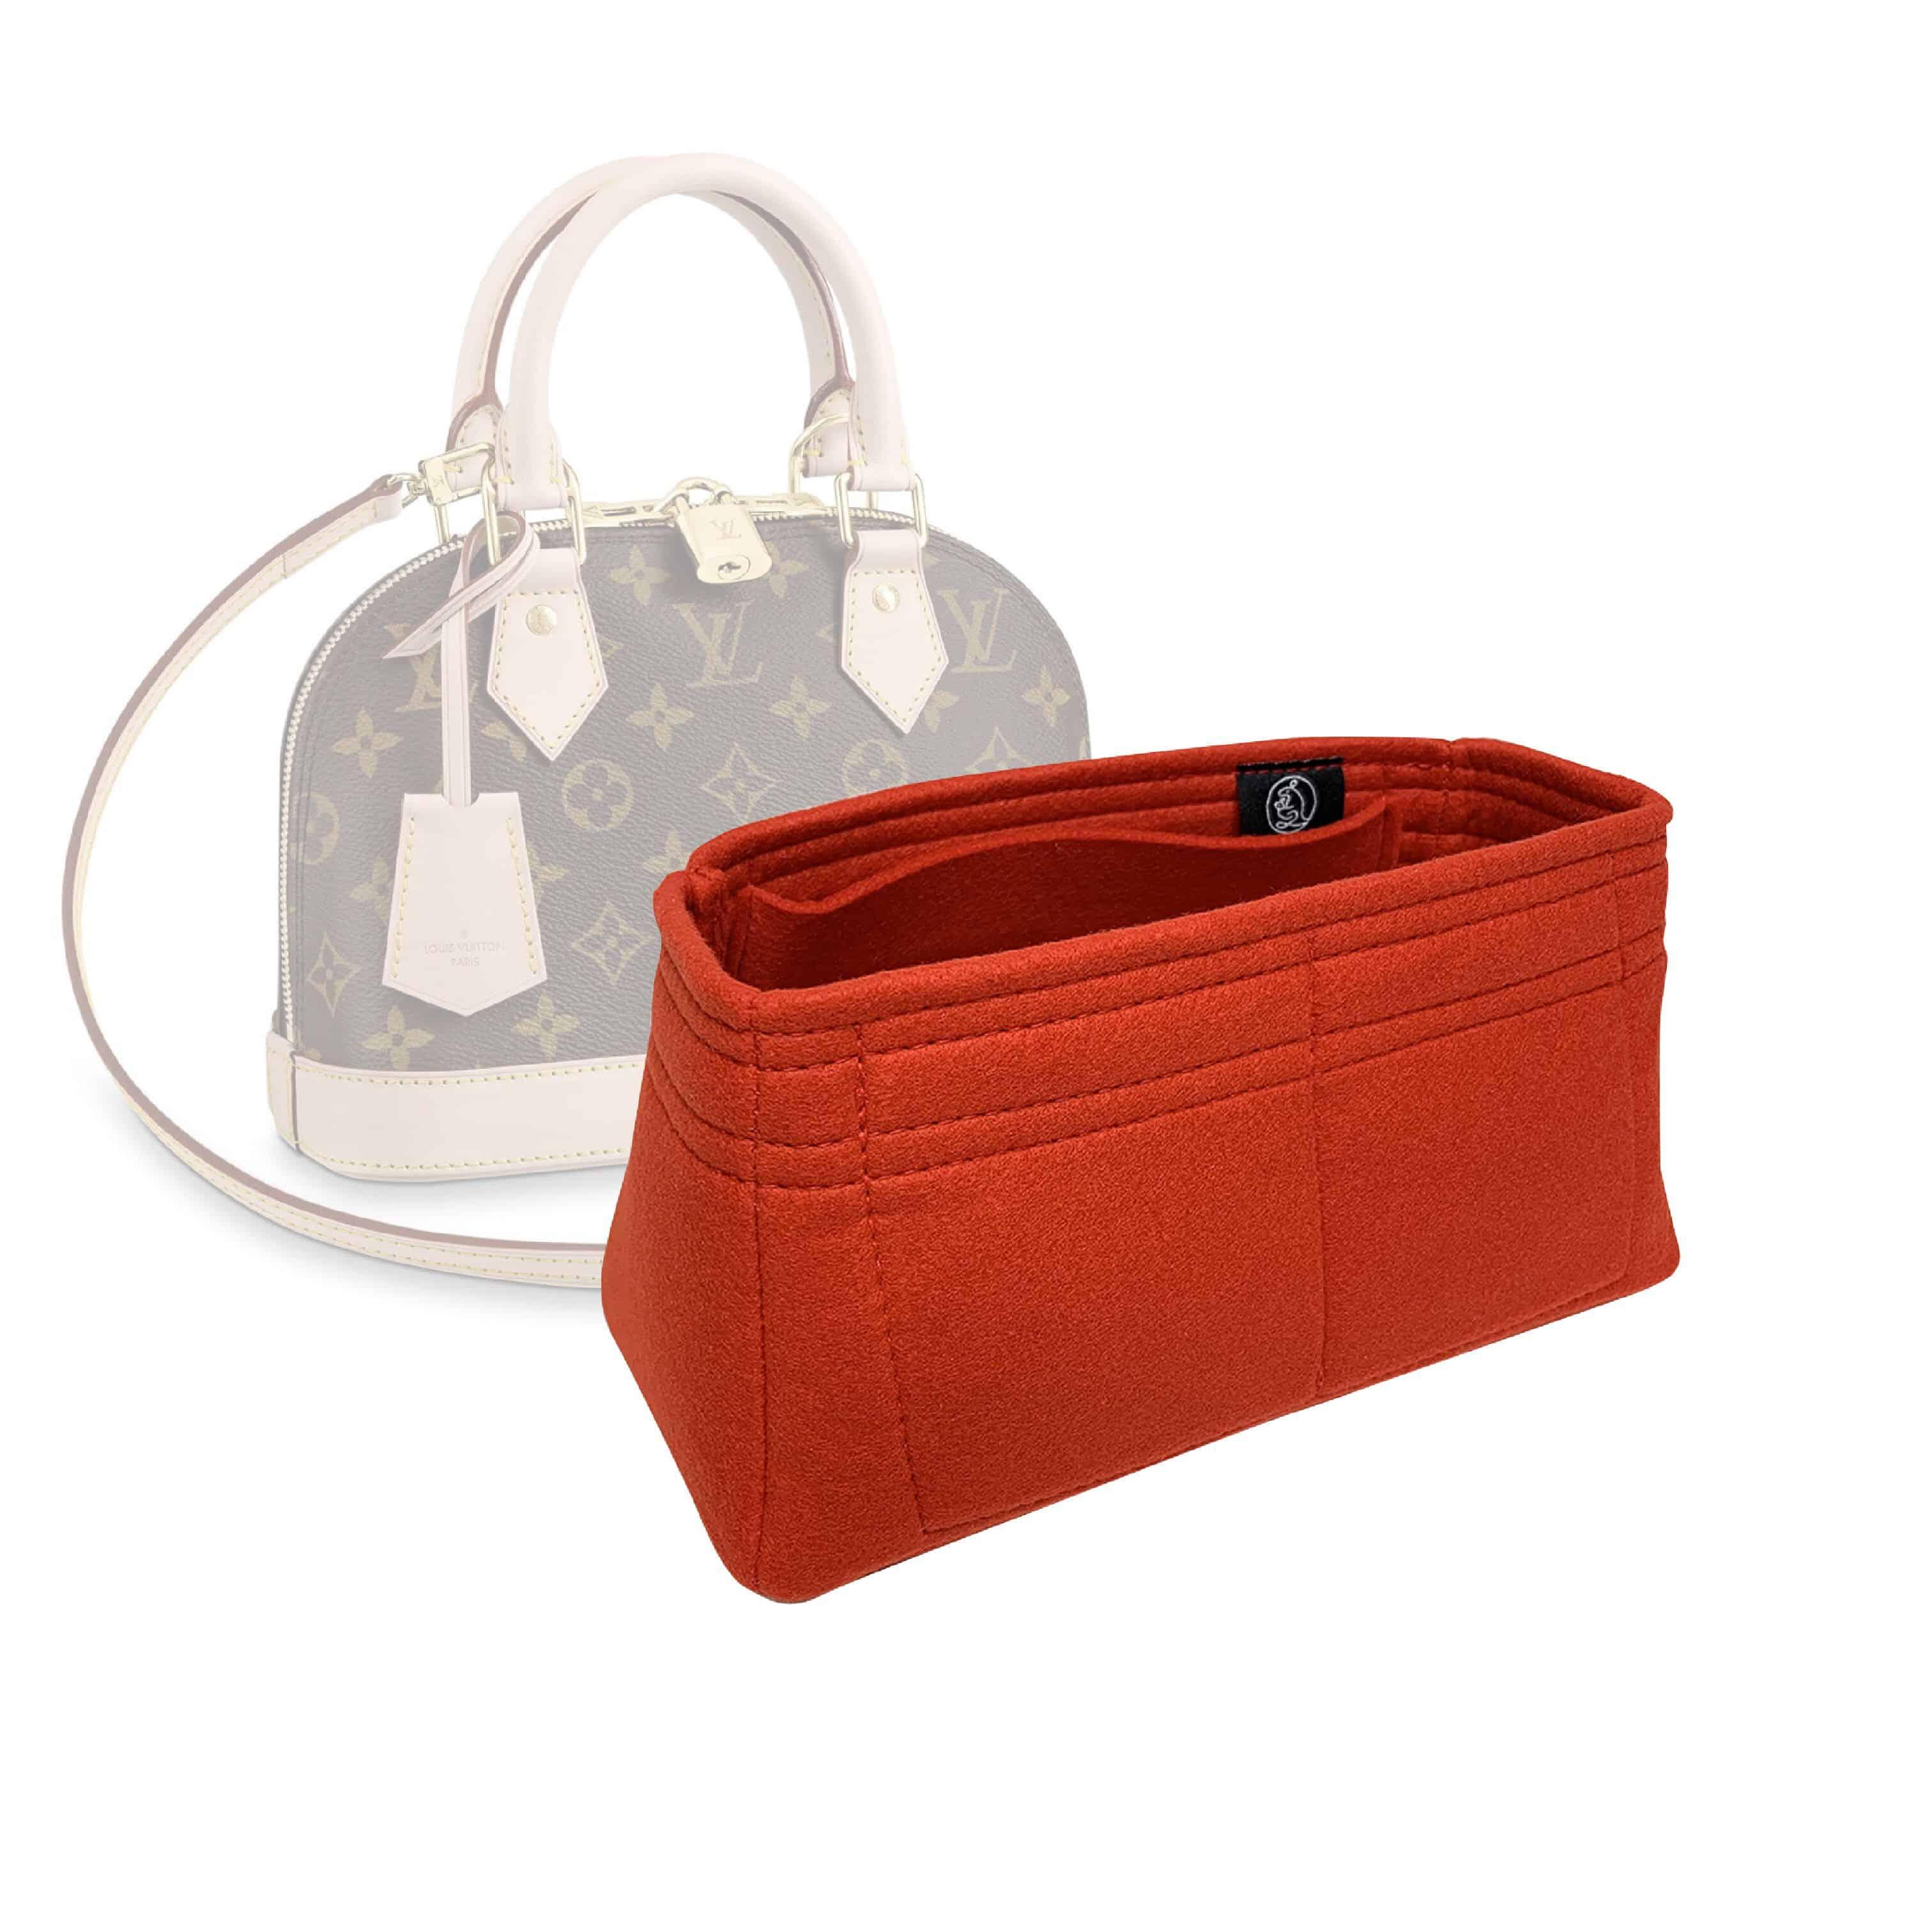 0aed53907c Louis Vuitton Alma BB Bag Organizer – LV Alma BB – Zoomoni